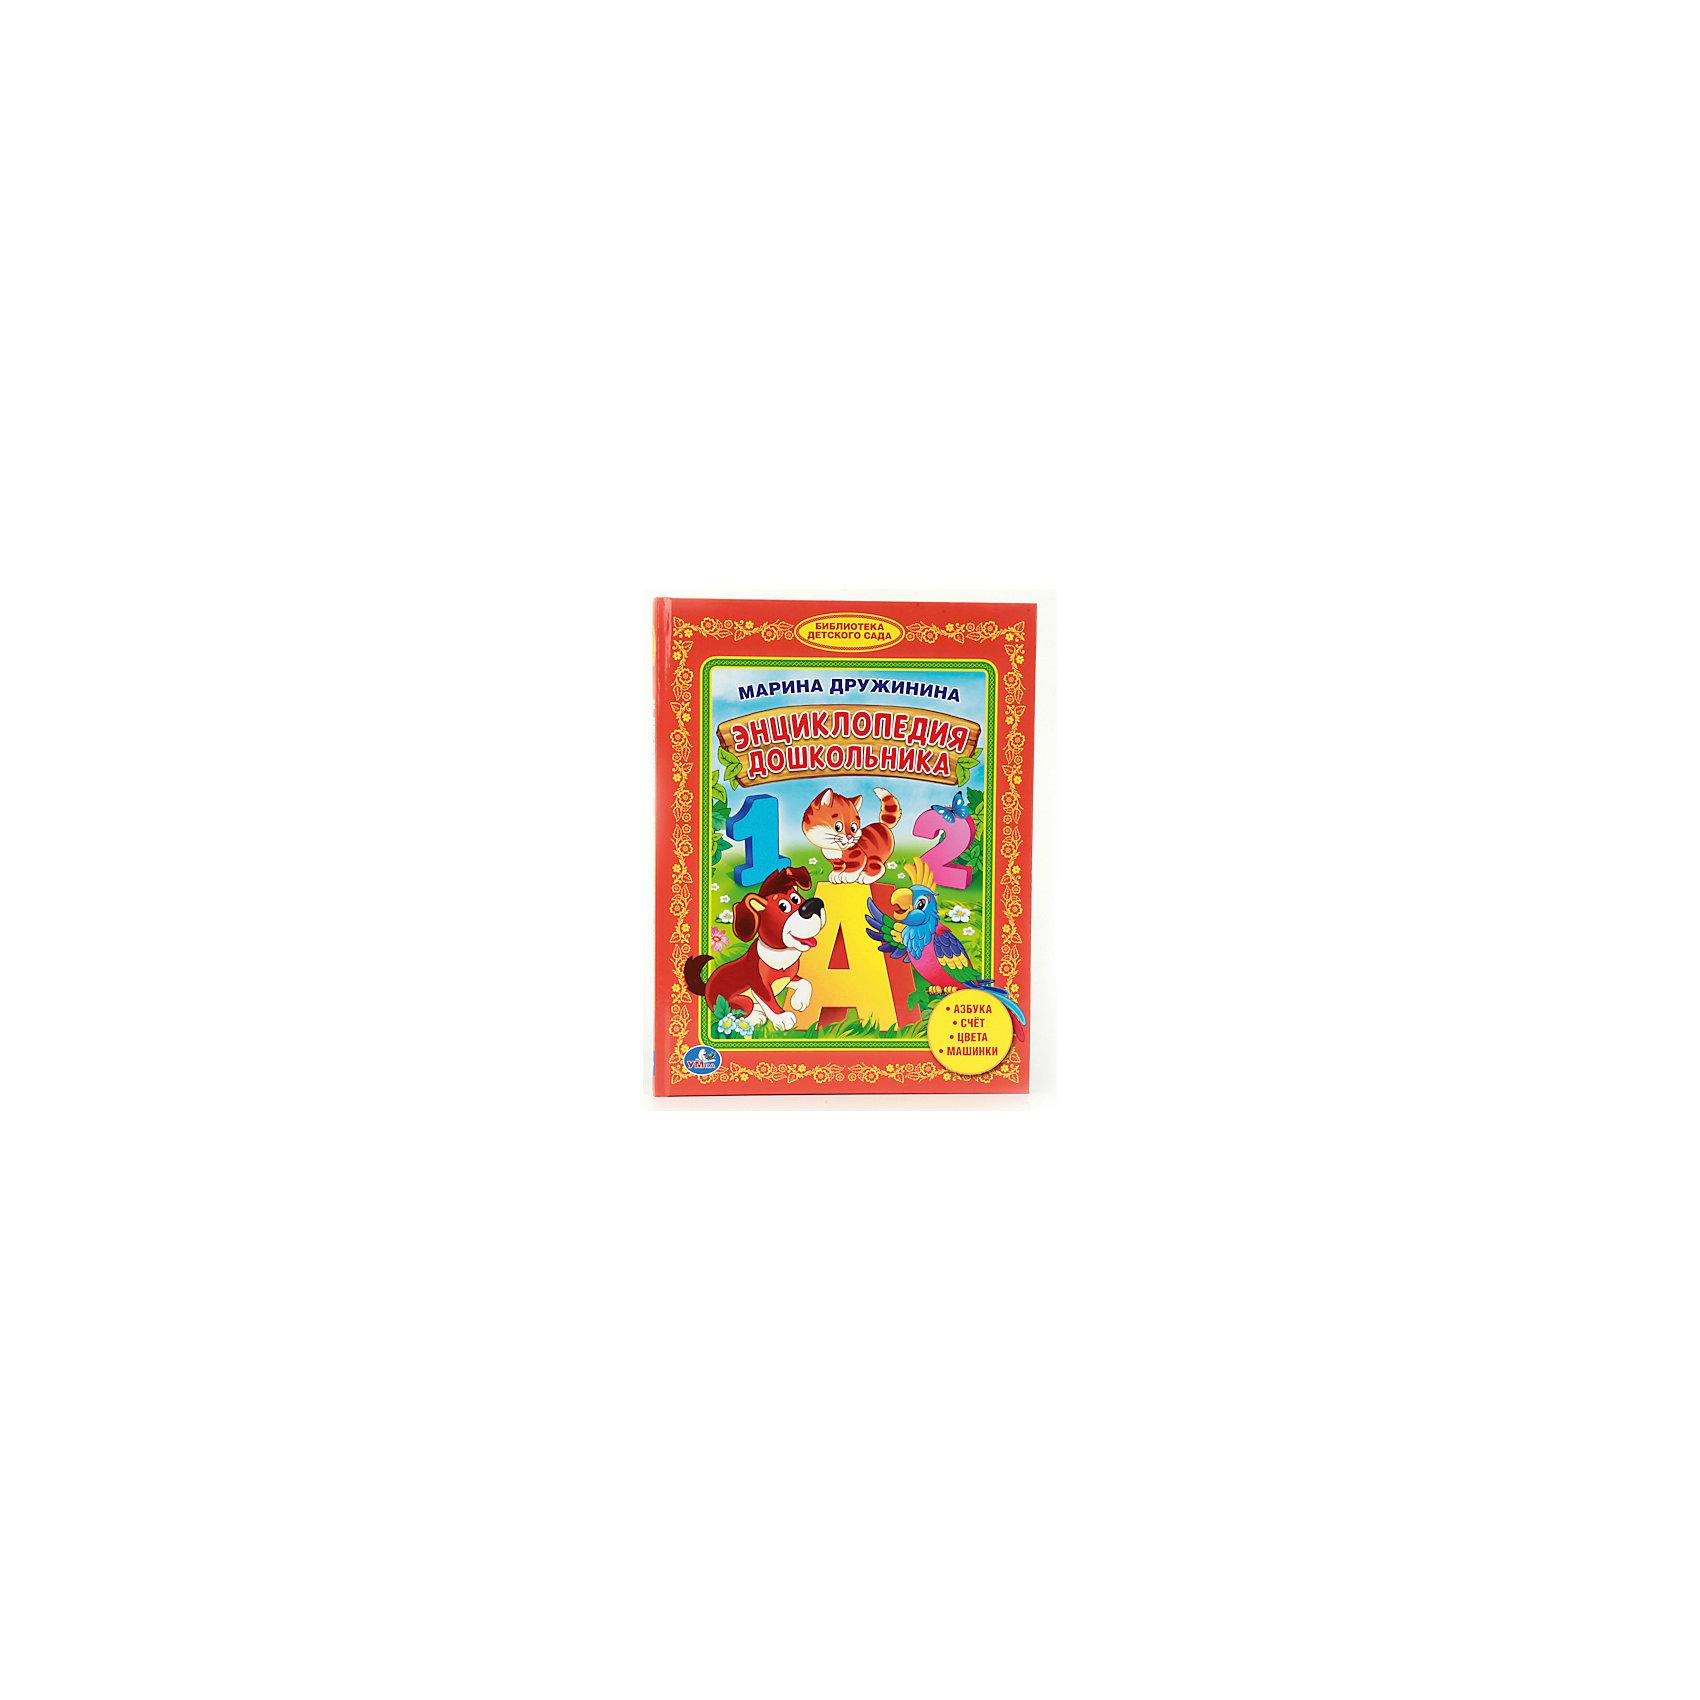 Энциклопедия дошкольника, М. ДружининаЭнциклопедия дошкольника включает в себя азбуку зверей и птиц, счёт от 1 до 10, стихотворения о формах, цветах и транспорте - все что нужно знать малышам! Издание дополнено яркими красочными иллюстрациями и добрыми стихами, которые сделают занятия с ребёнком по-настоящему весёлыми и увлекательными. <br><br>Дополнительная информация: <br><br>- Автор: Марина Дружинина.<br>- Иллюстраторы: Сергей Шульга, Елена Чичик, Владимир Иванов.<br>- Формат: 21,5х16,5 см.<br>- Количество страниц: 48.<br>- Иллюстрации: цветные.<br>- Переплет: твердый. <br><br>Энциклопедию дошкольника, М. Дружининой, можно купить в нашем магазине.<br><br>Ширина мм: 220<br>Глубина мм: 170<br>Высота мм: 10<br>Вес г: 120<br>Возраст от месяцев: 24<br>Возраст до месяцев: 72<br>Пол: Унисекс<br>Возраст: Детский<br>SKU: 4428478